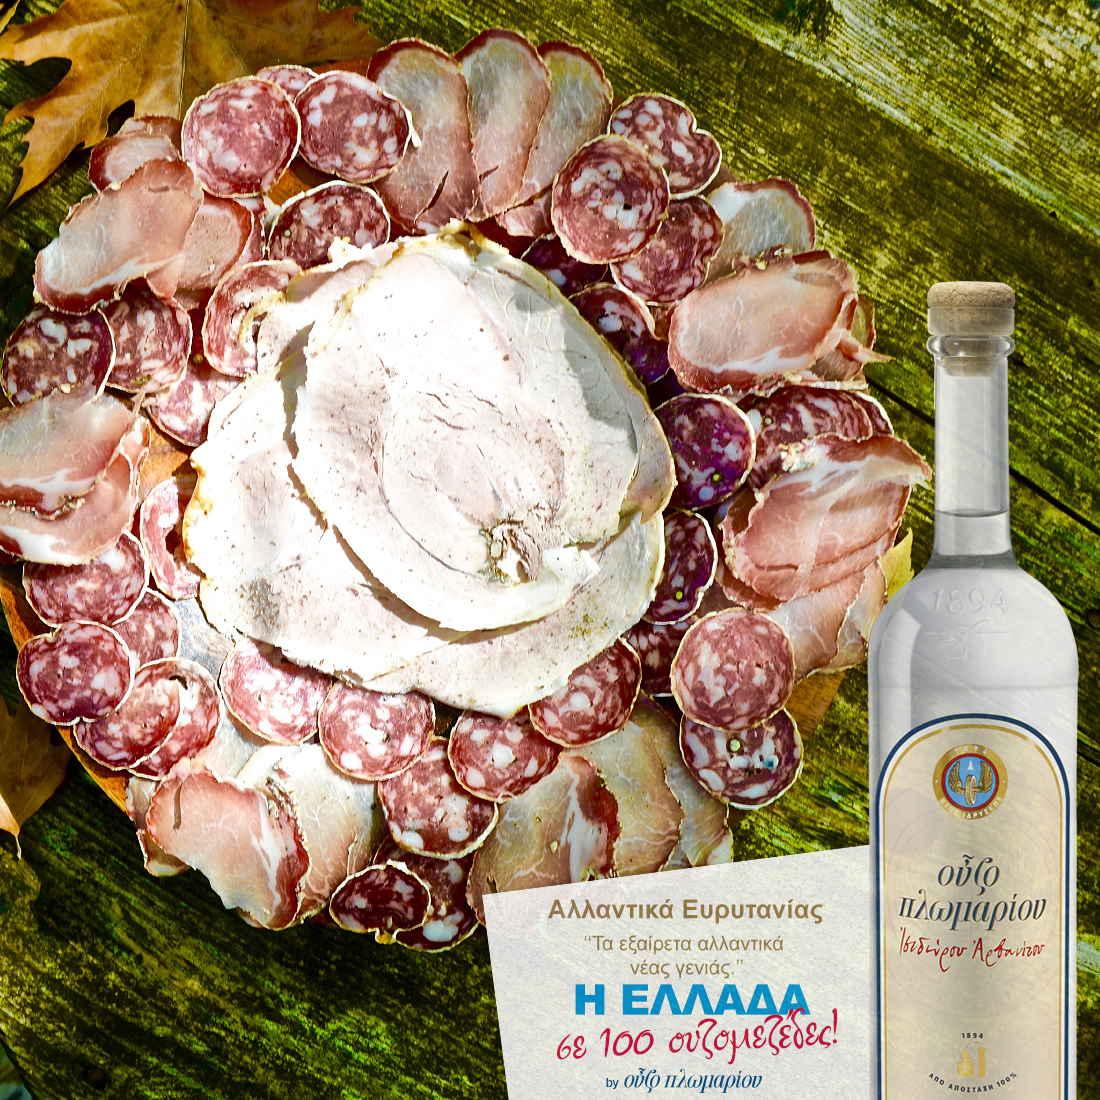 Αλλαντικά Ευρυτανίας - Ουζομεζέδες - Greek Gastronomy Guide